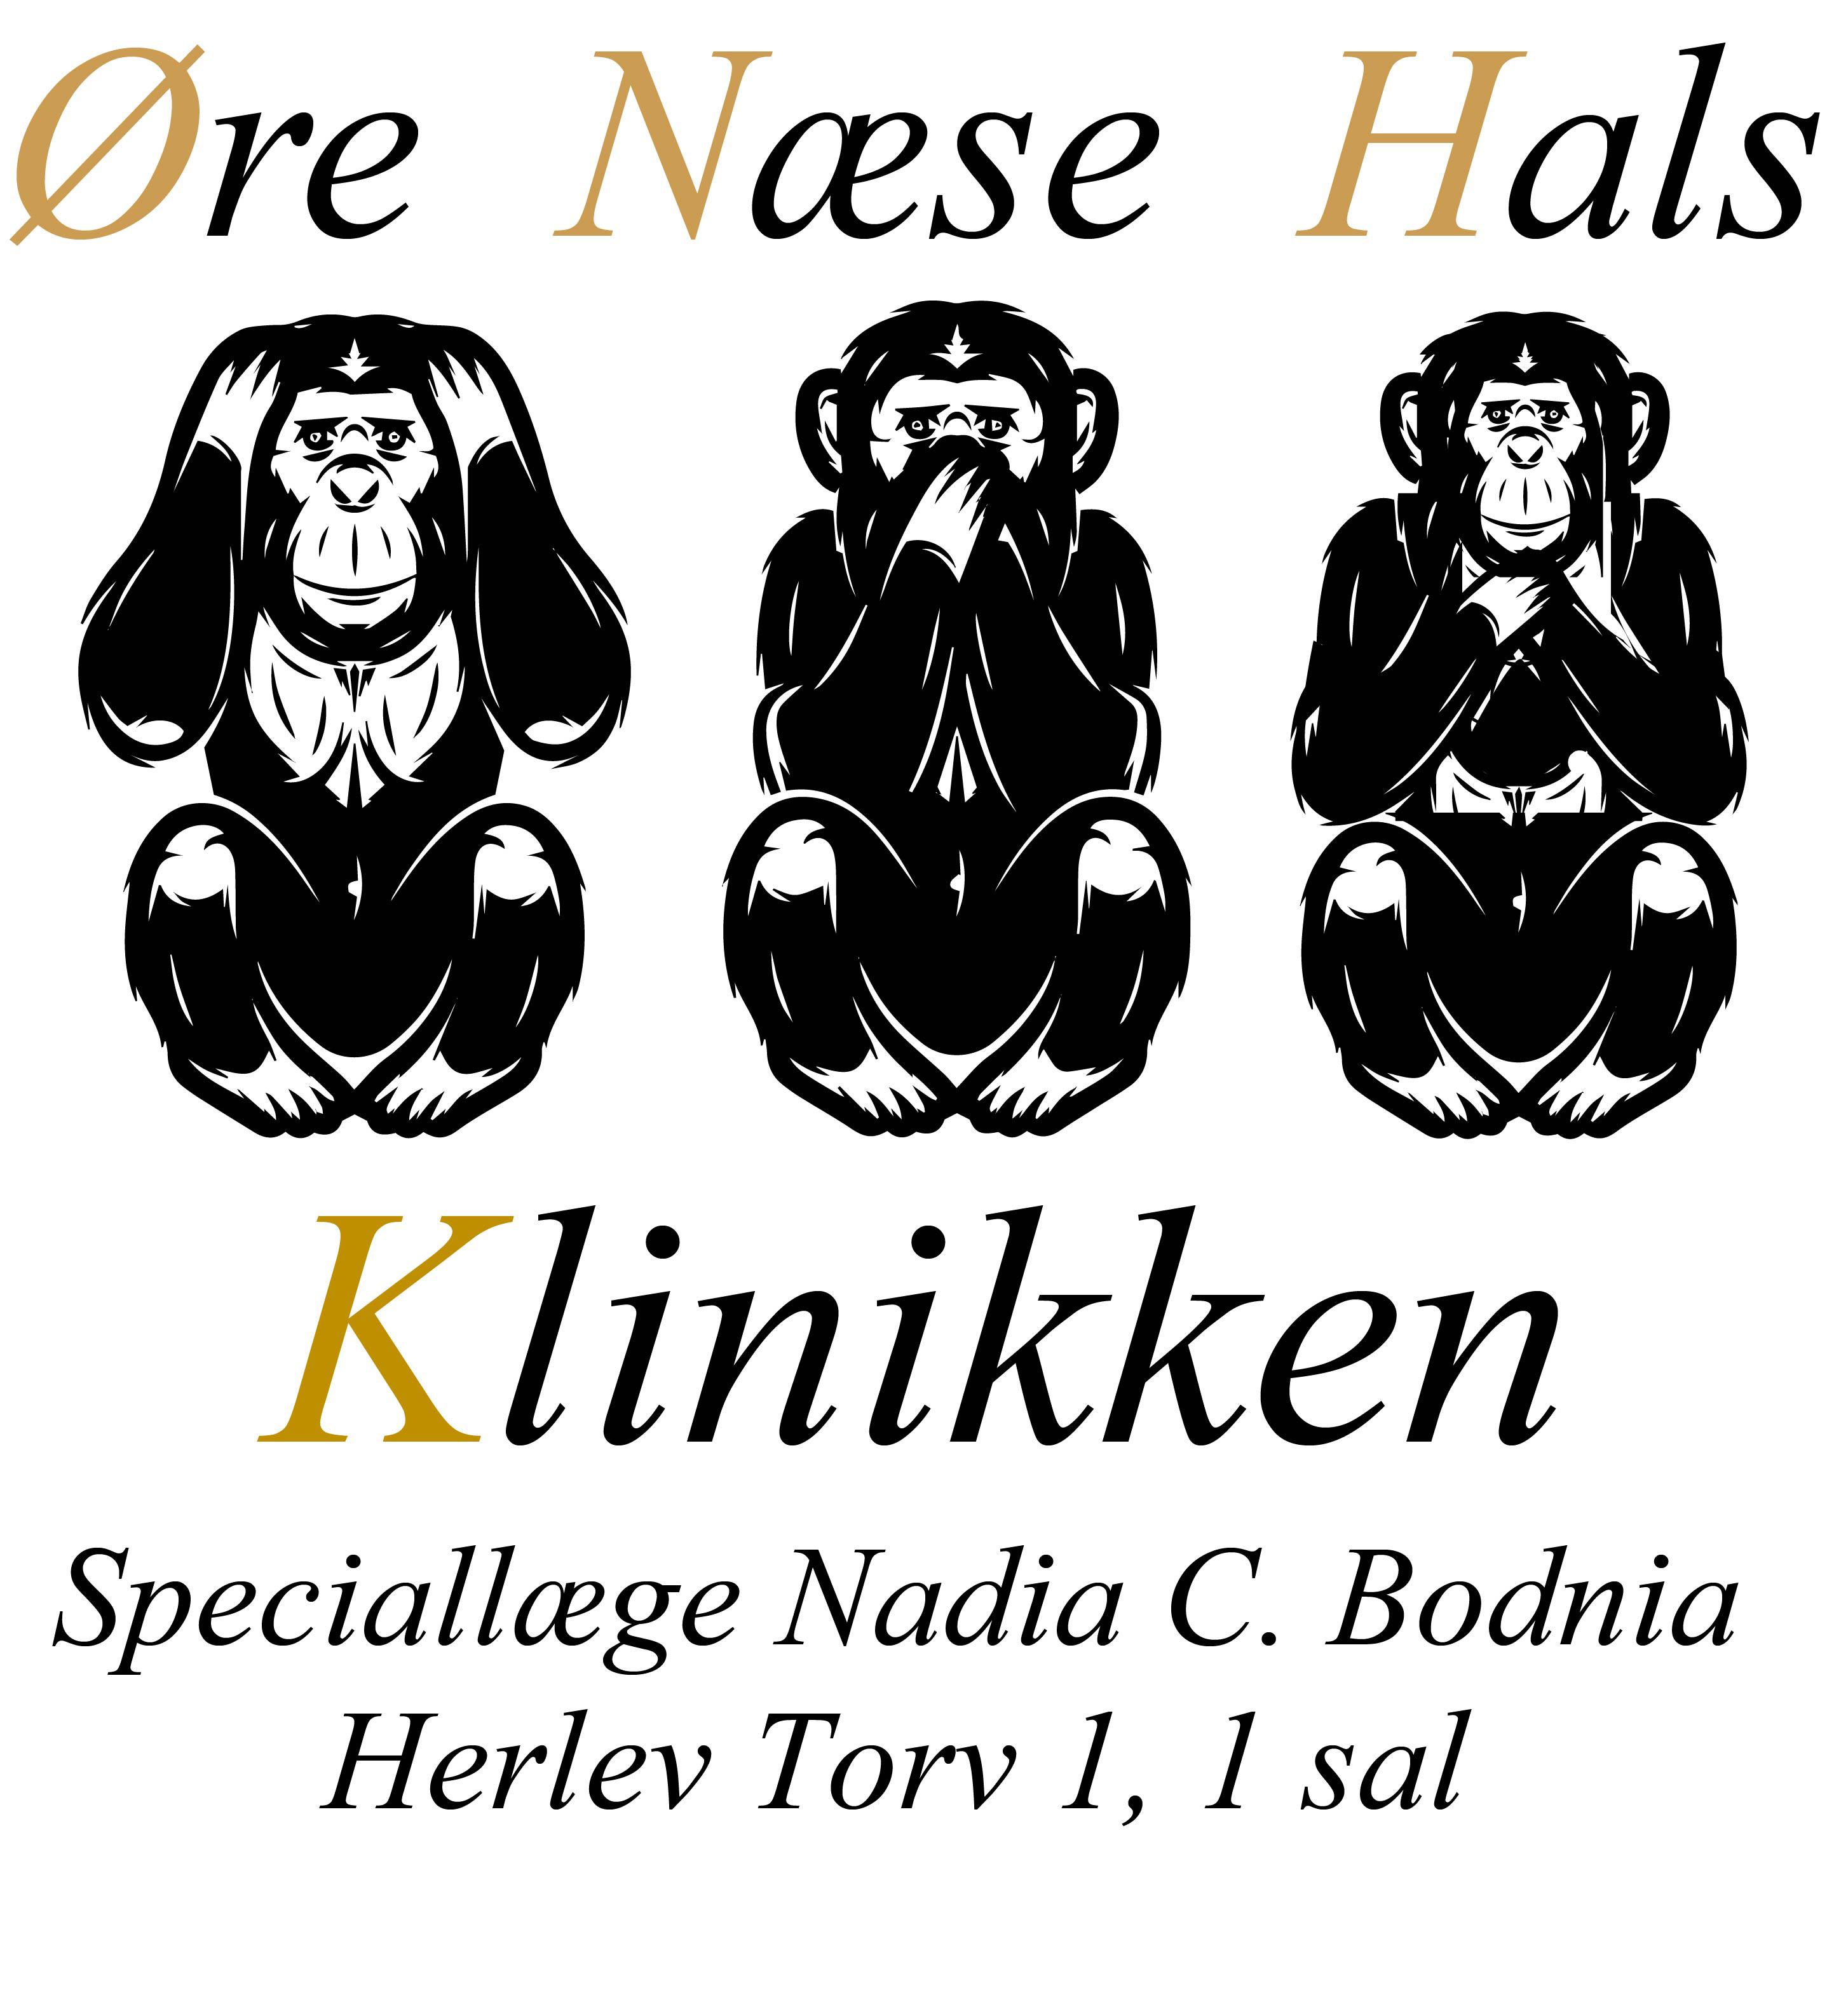 Øre,- næse,- halsklinikken i Herlev